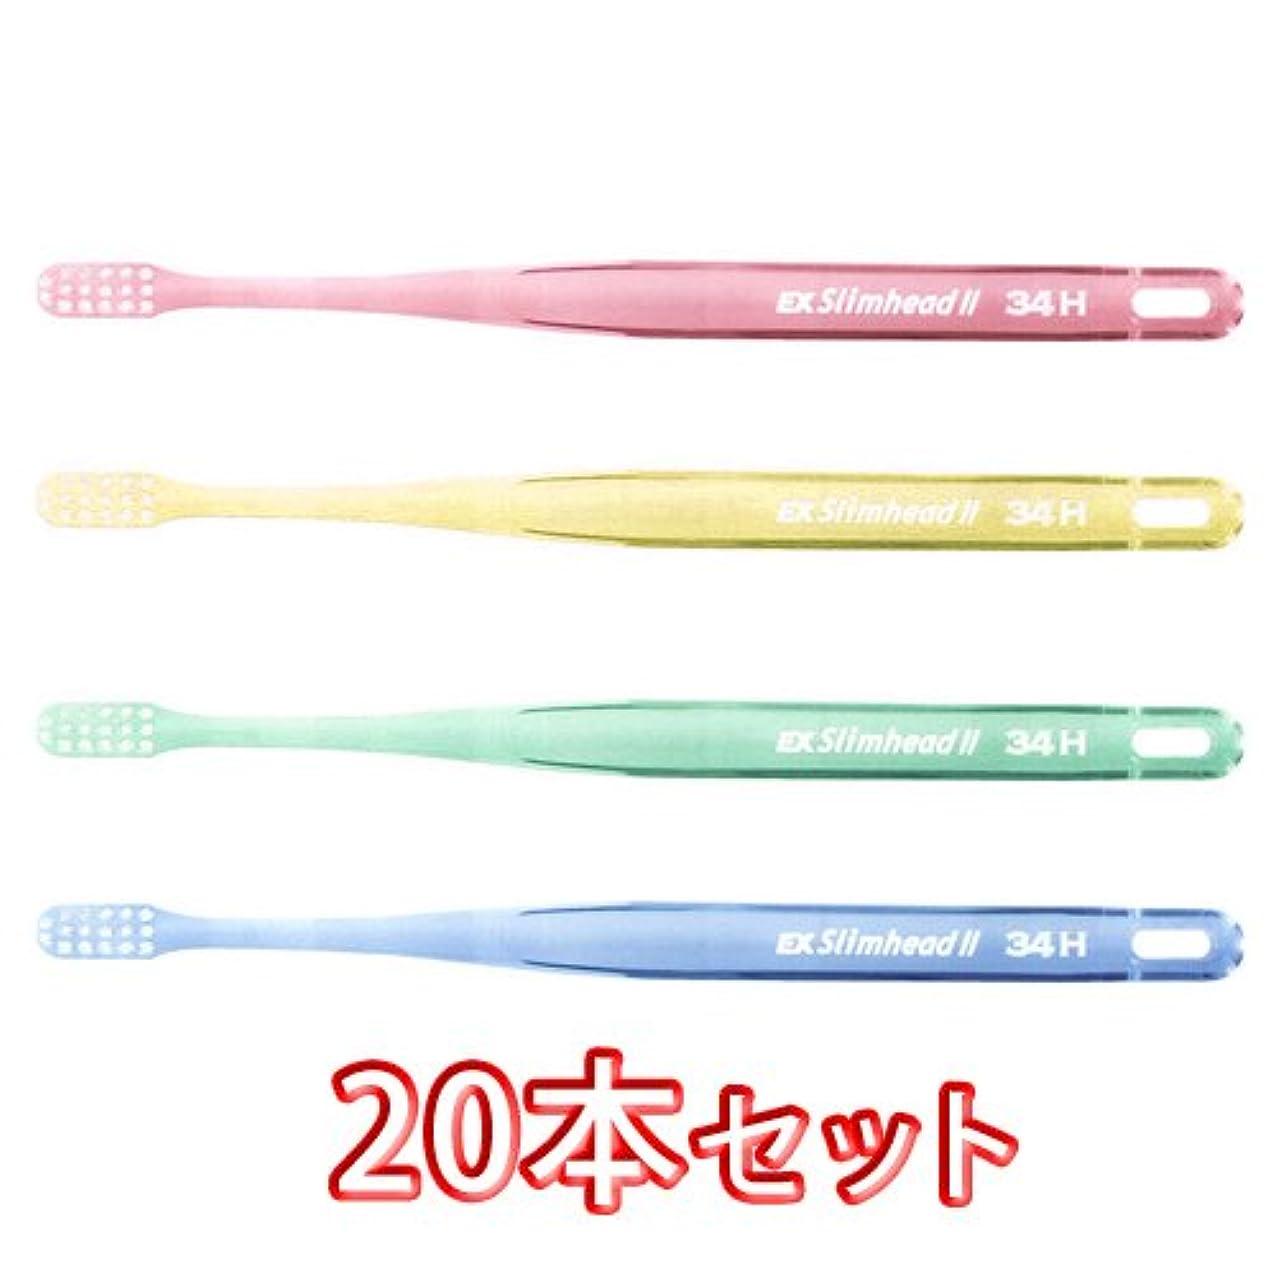 親バット新着ライオン スリムヘッド2 歯ブラシ DENT . EX Slimhead2 20本入 (34H)